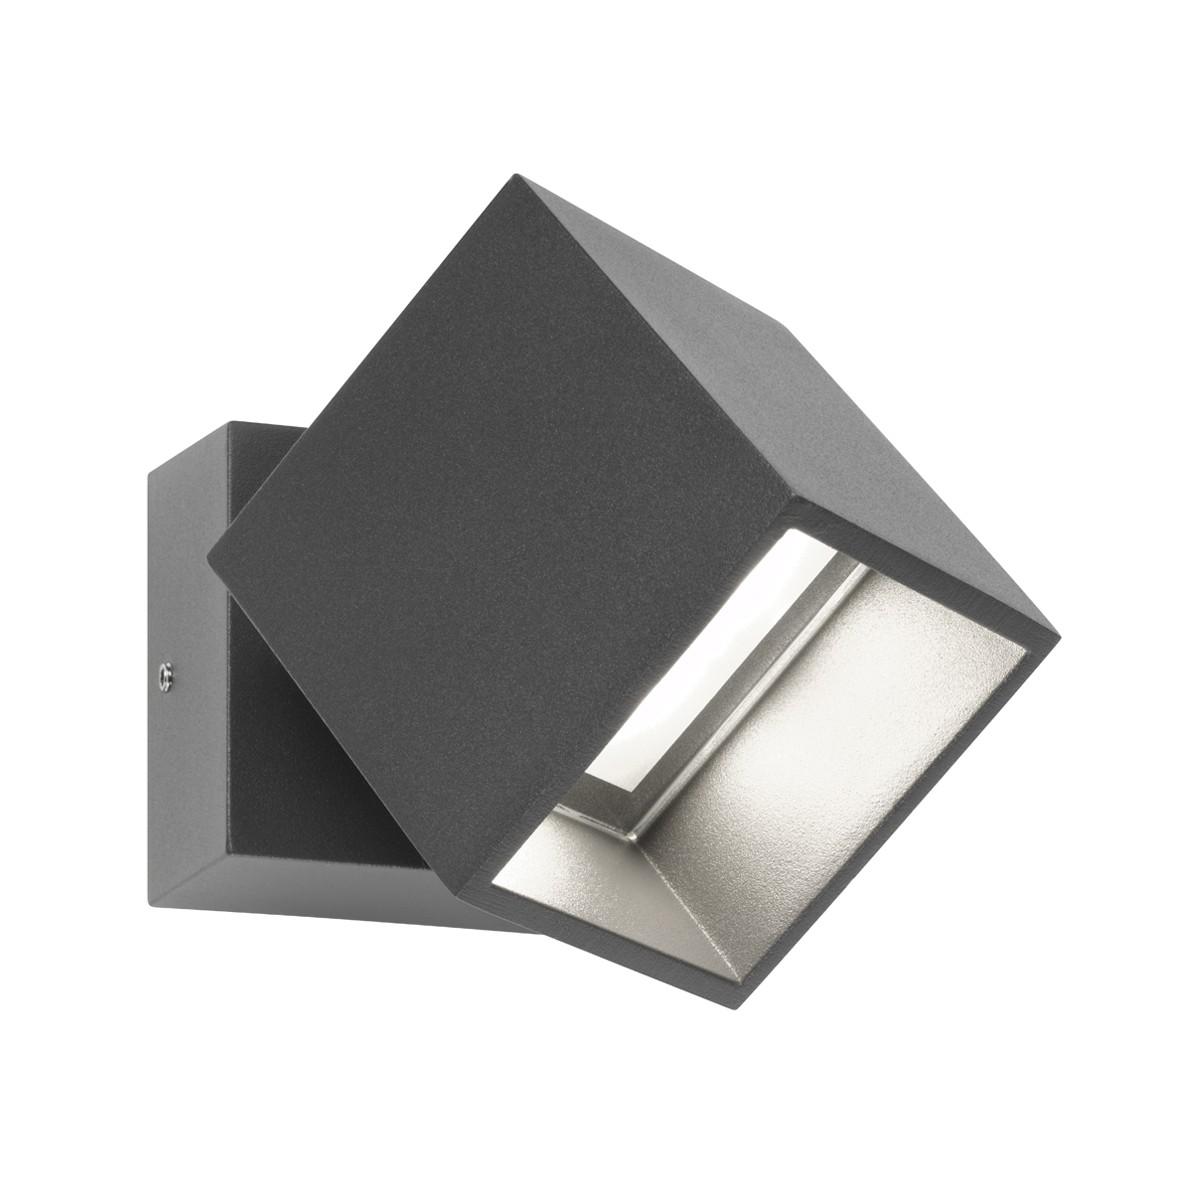 LCD Außenleuchten 5002 Wandleuchte, graphit